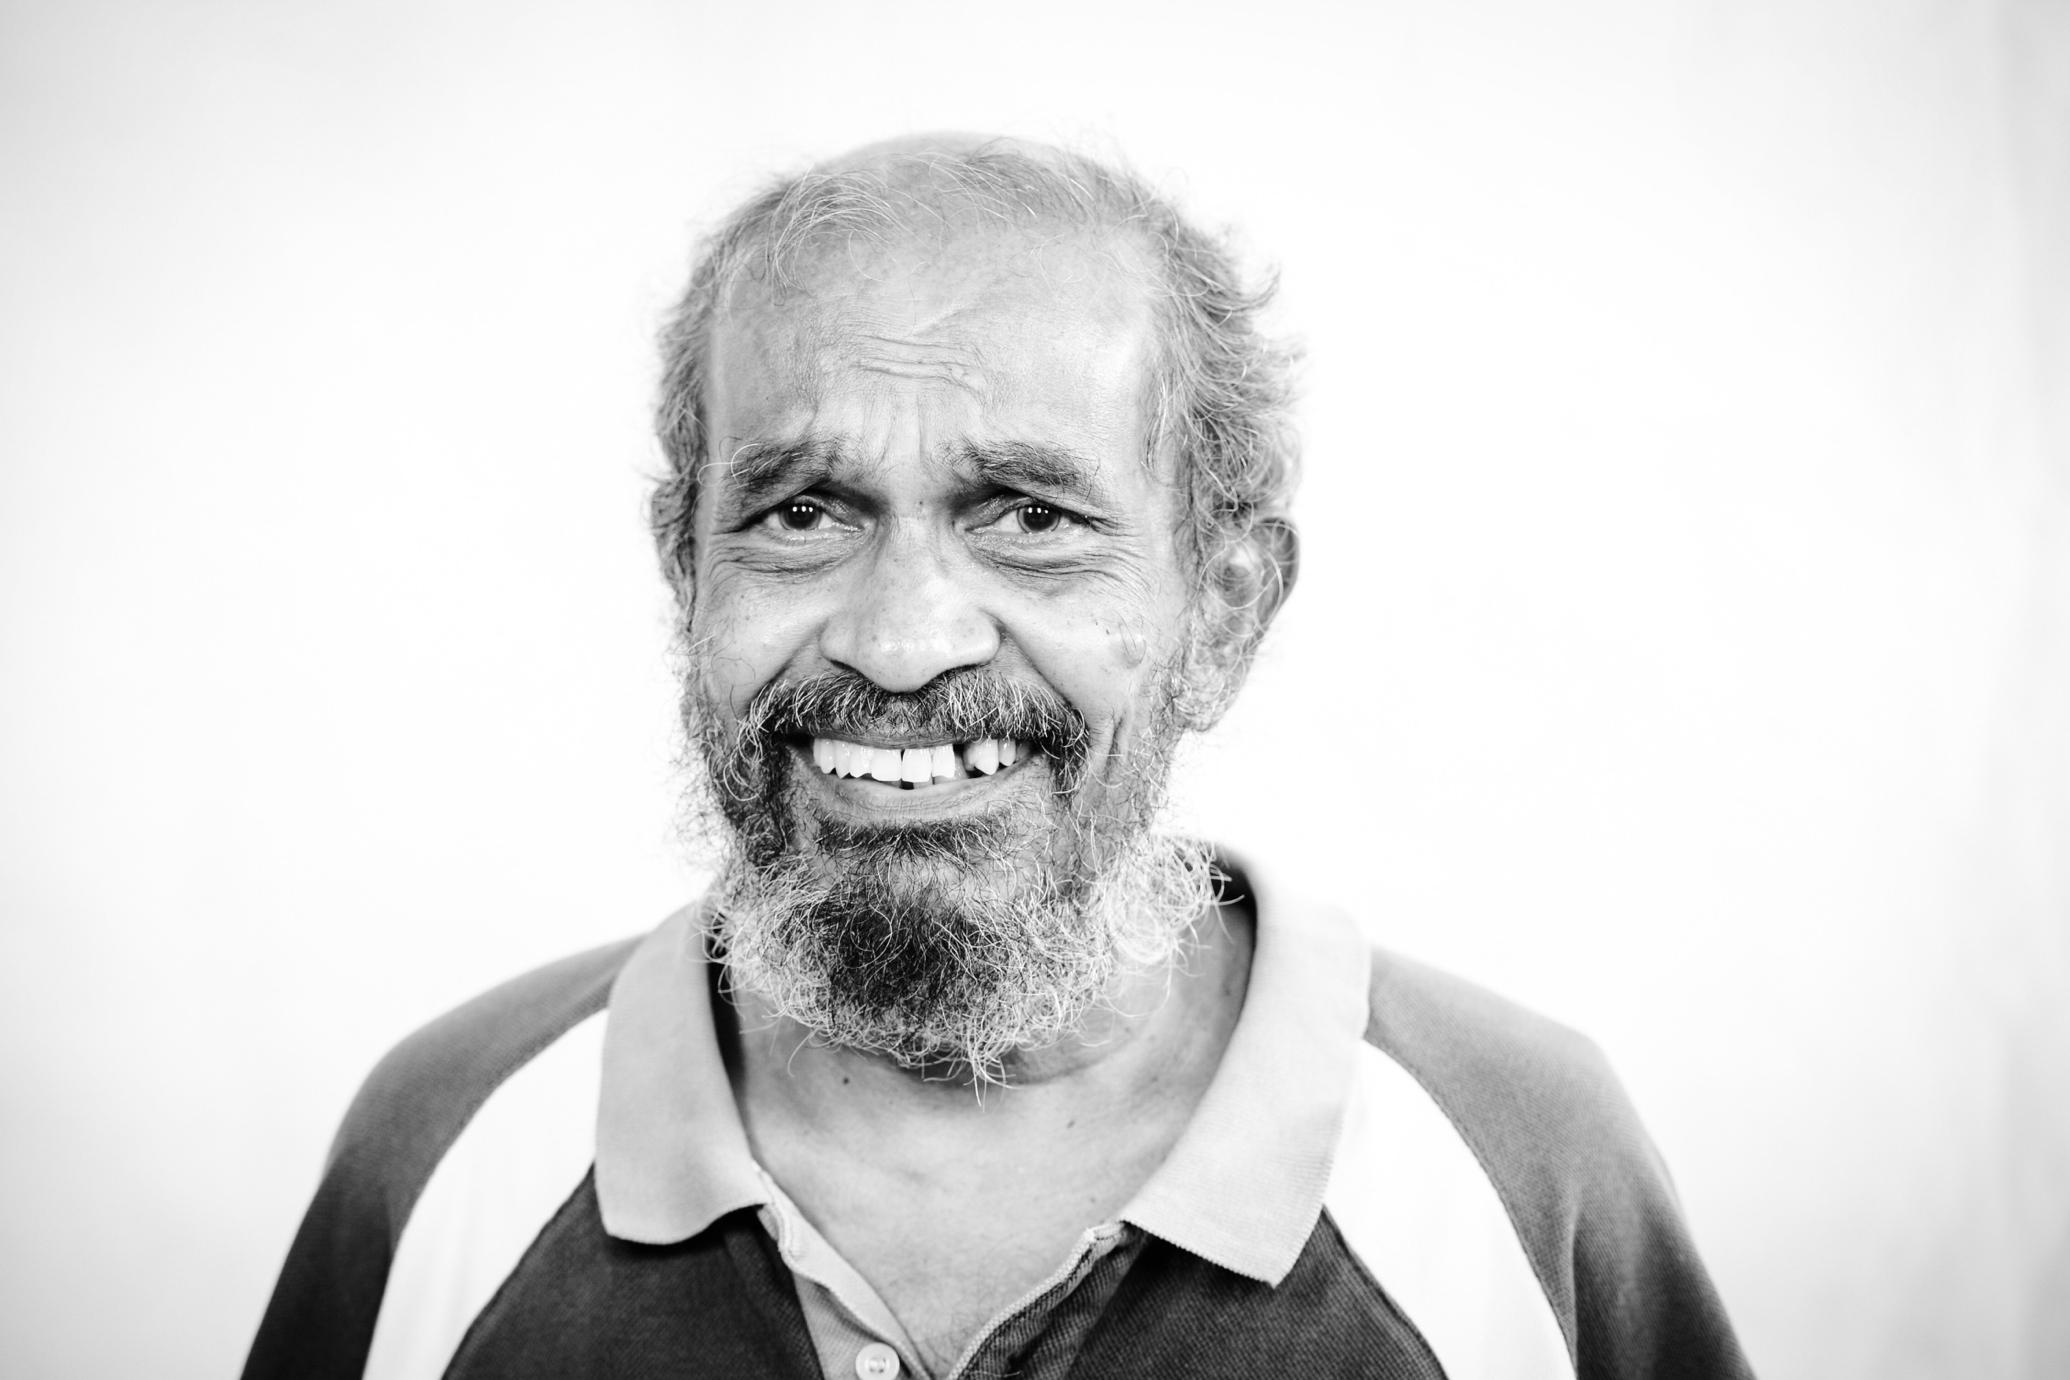 Sugumaran Krishnasamy